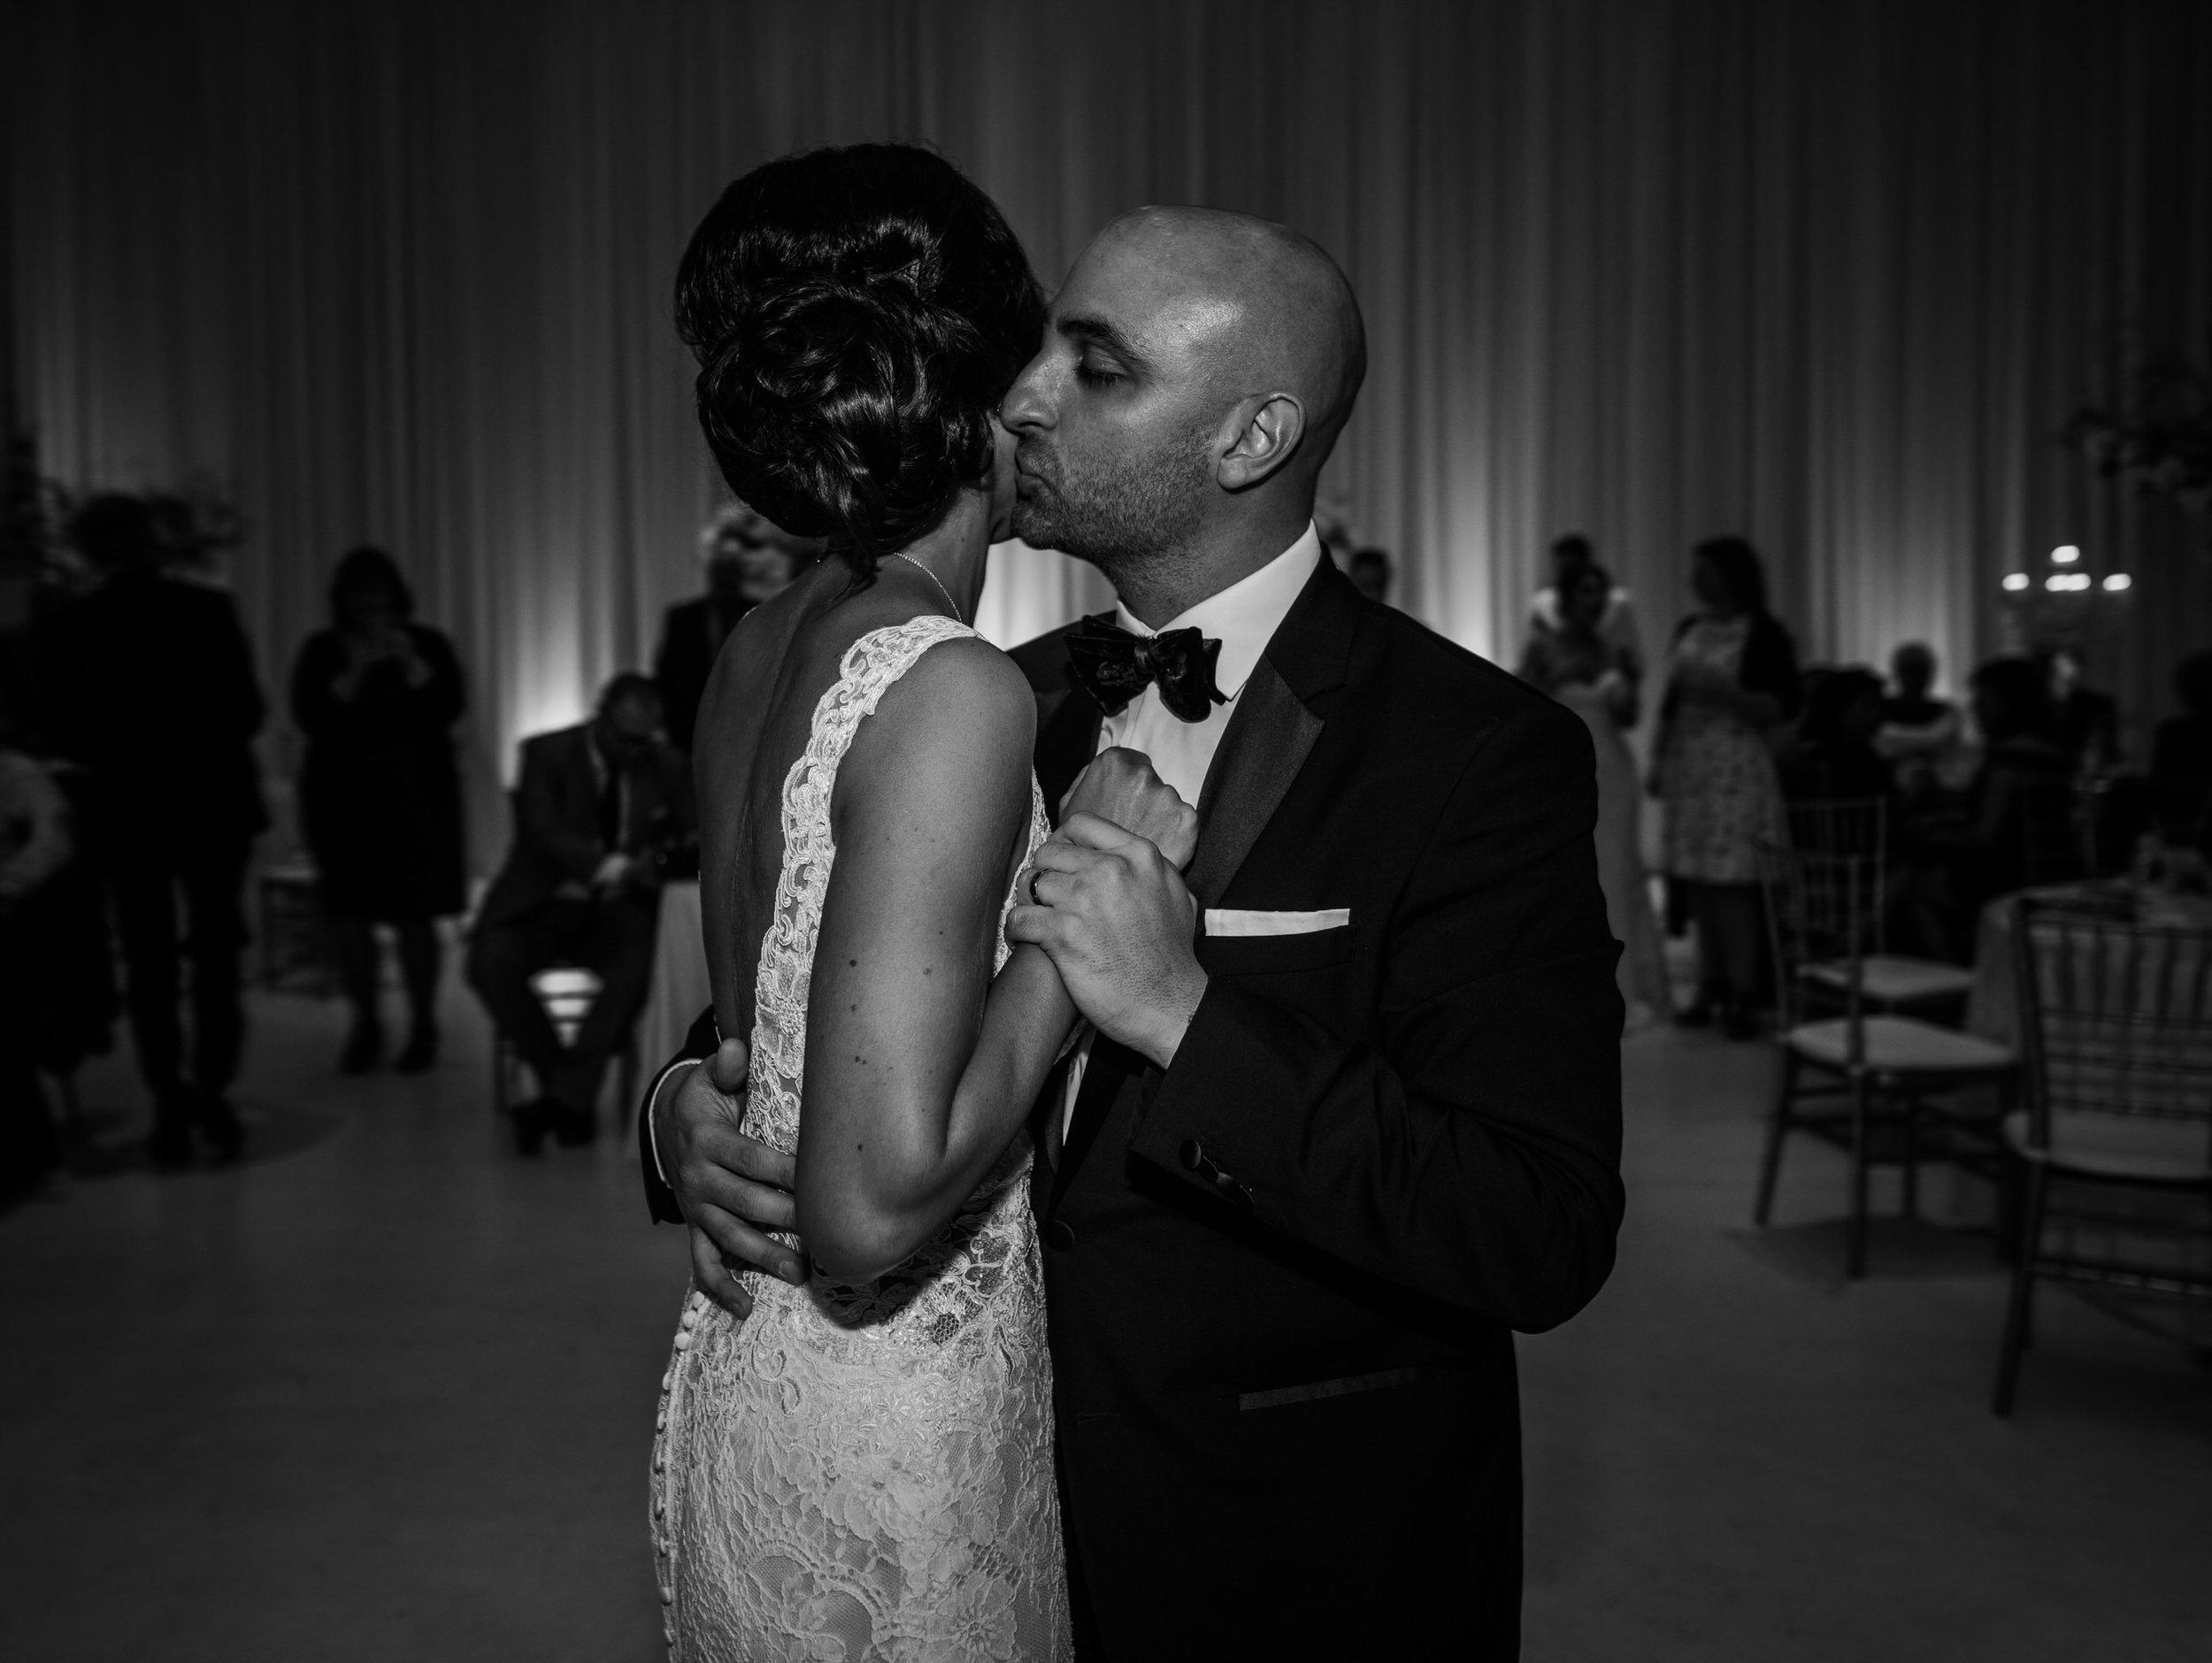 Pitt Meadows Wedding Photographer - Sky Hangar Wedding Photos - Vancouver Wedding Photographer & Videographer - Sunshine Coast Wedding Photos - Sunshine Coast Wedding Photographer - Jennifer Picard Photography - 1A5A6669-2.jpg